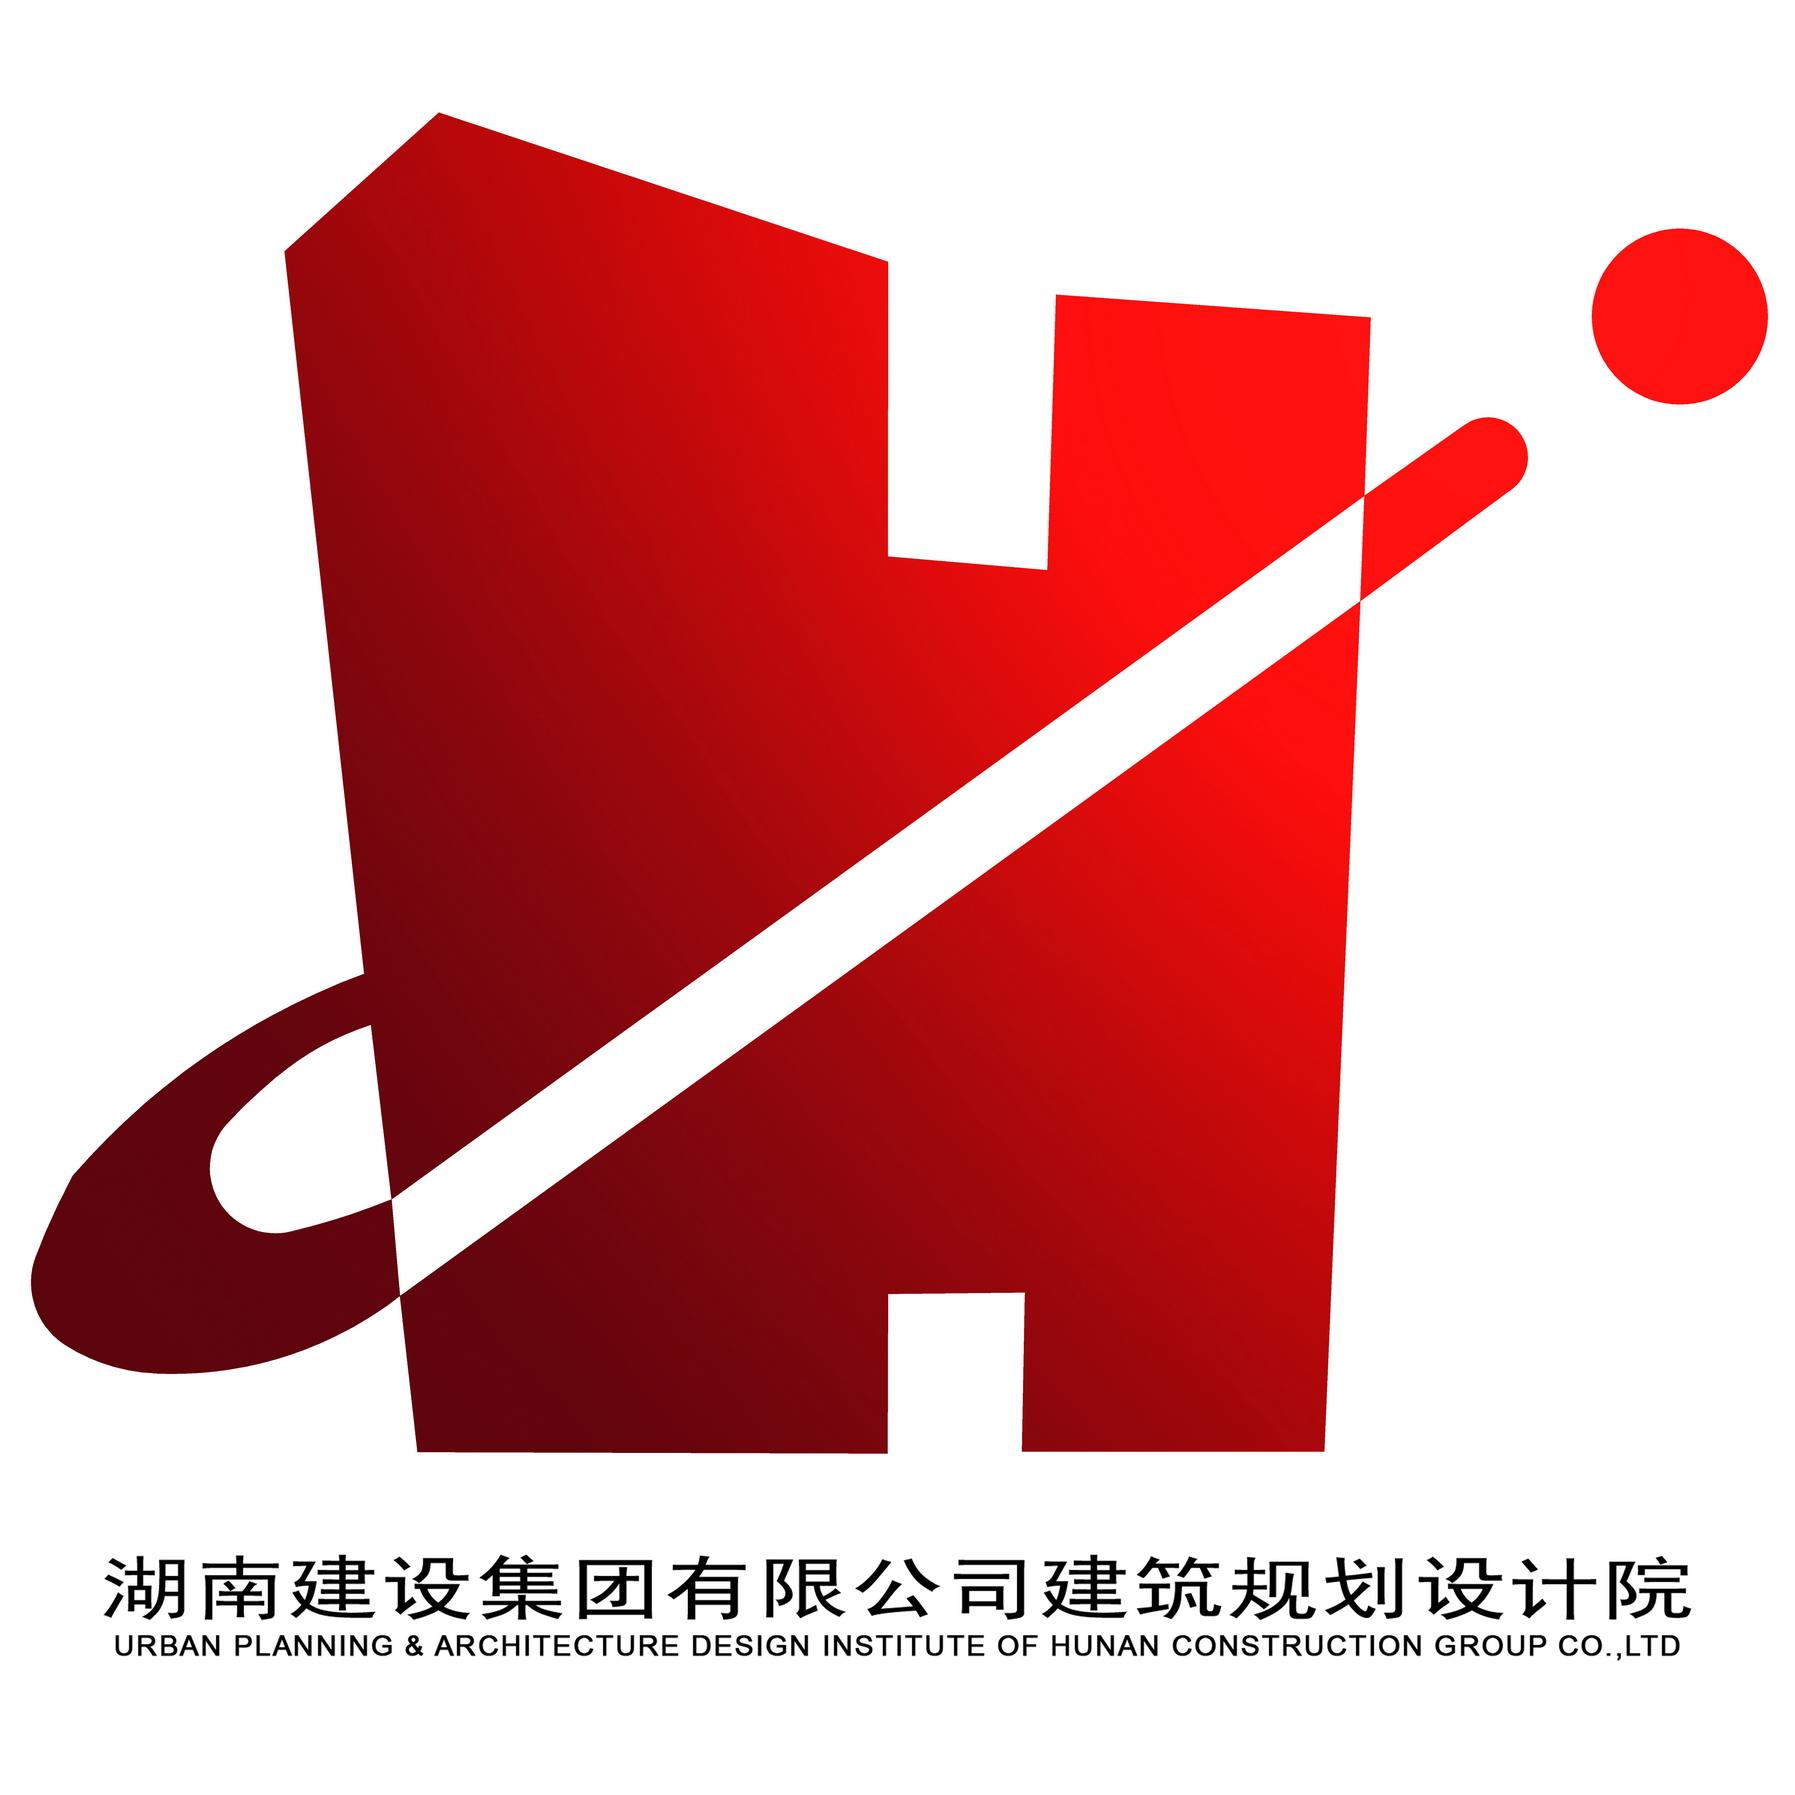 湖南建设集团有限公司建筑规划设计院